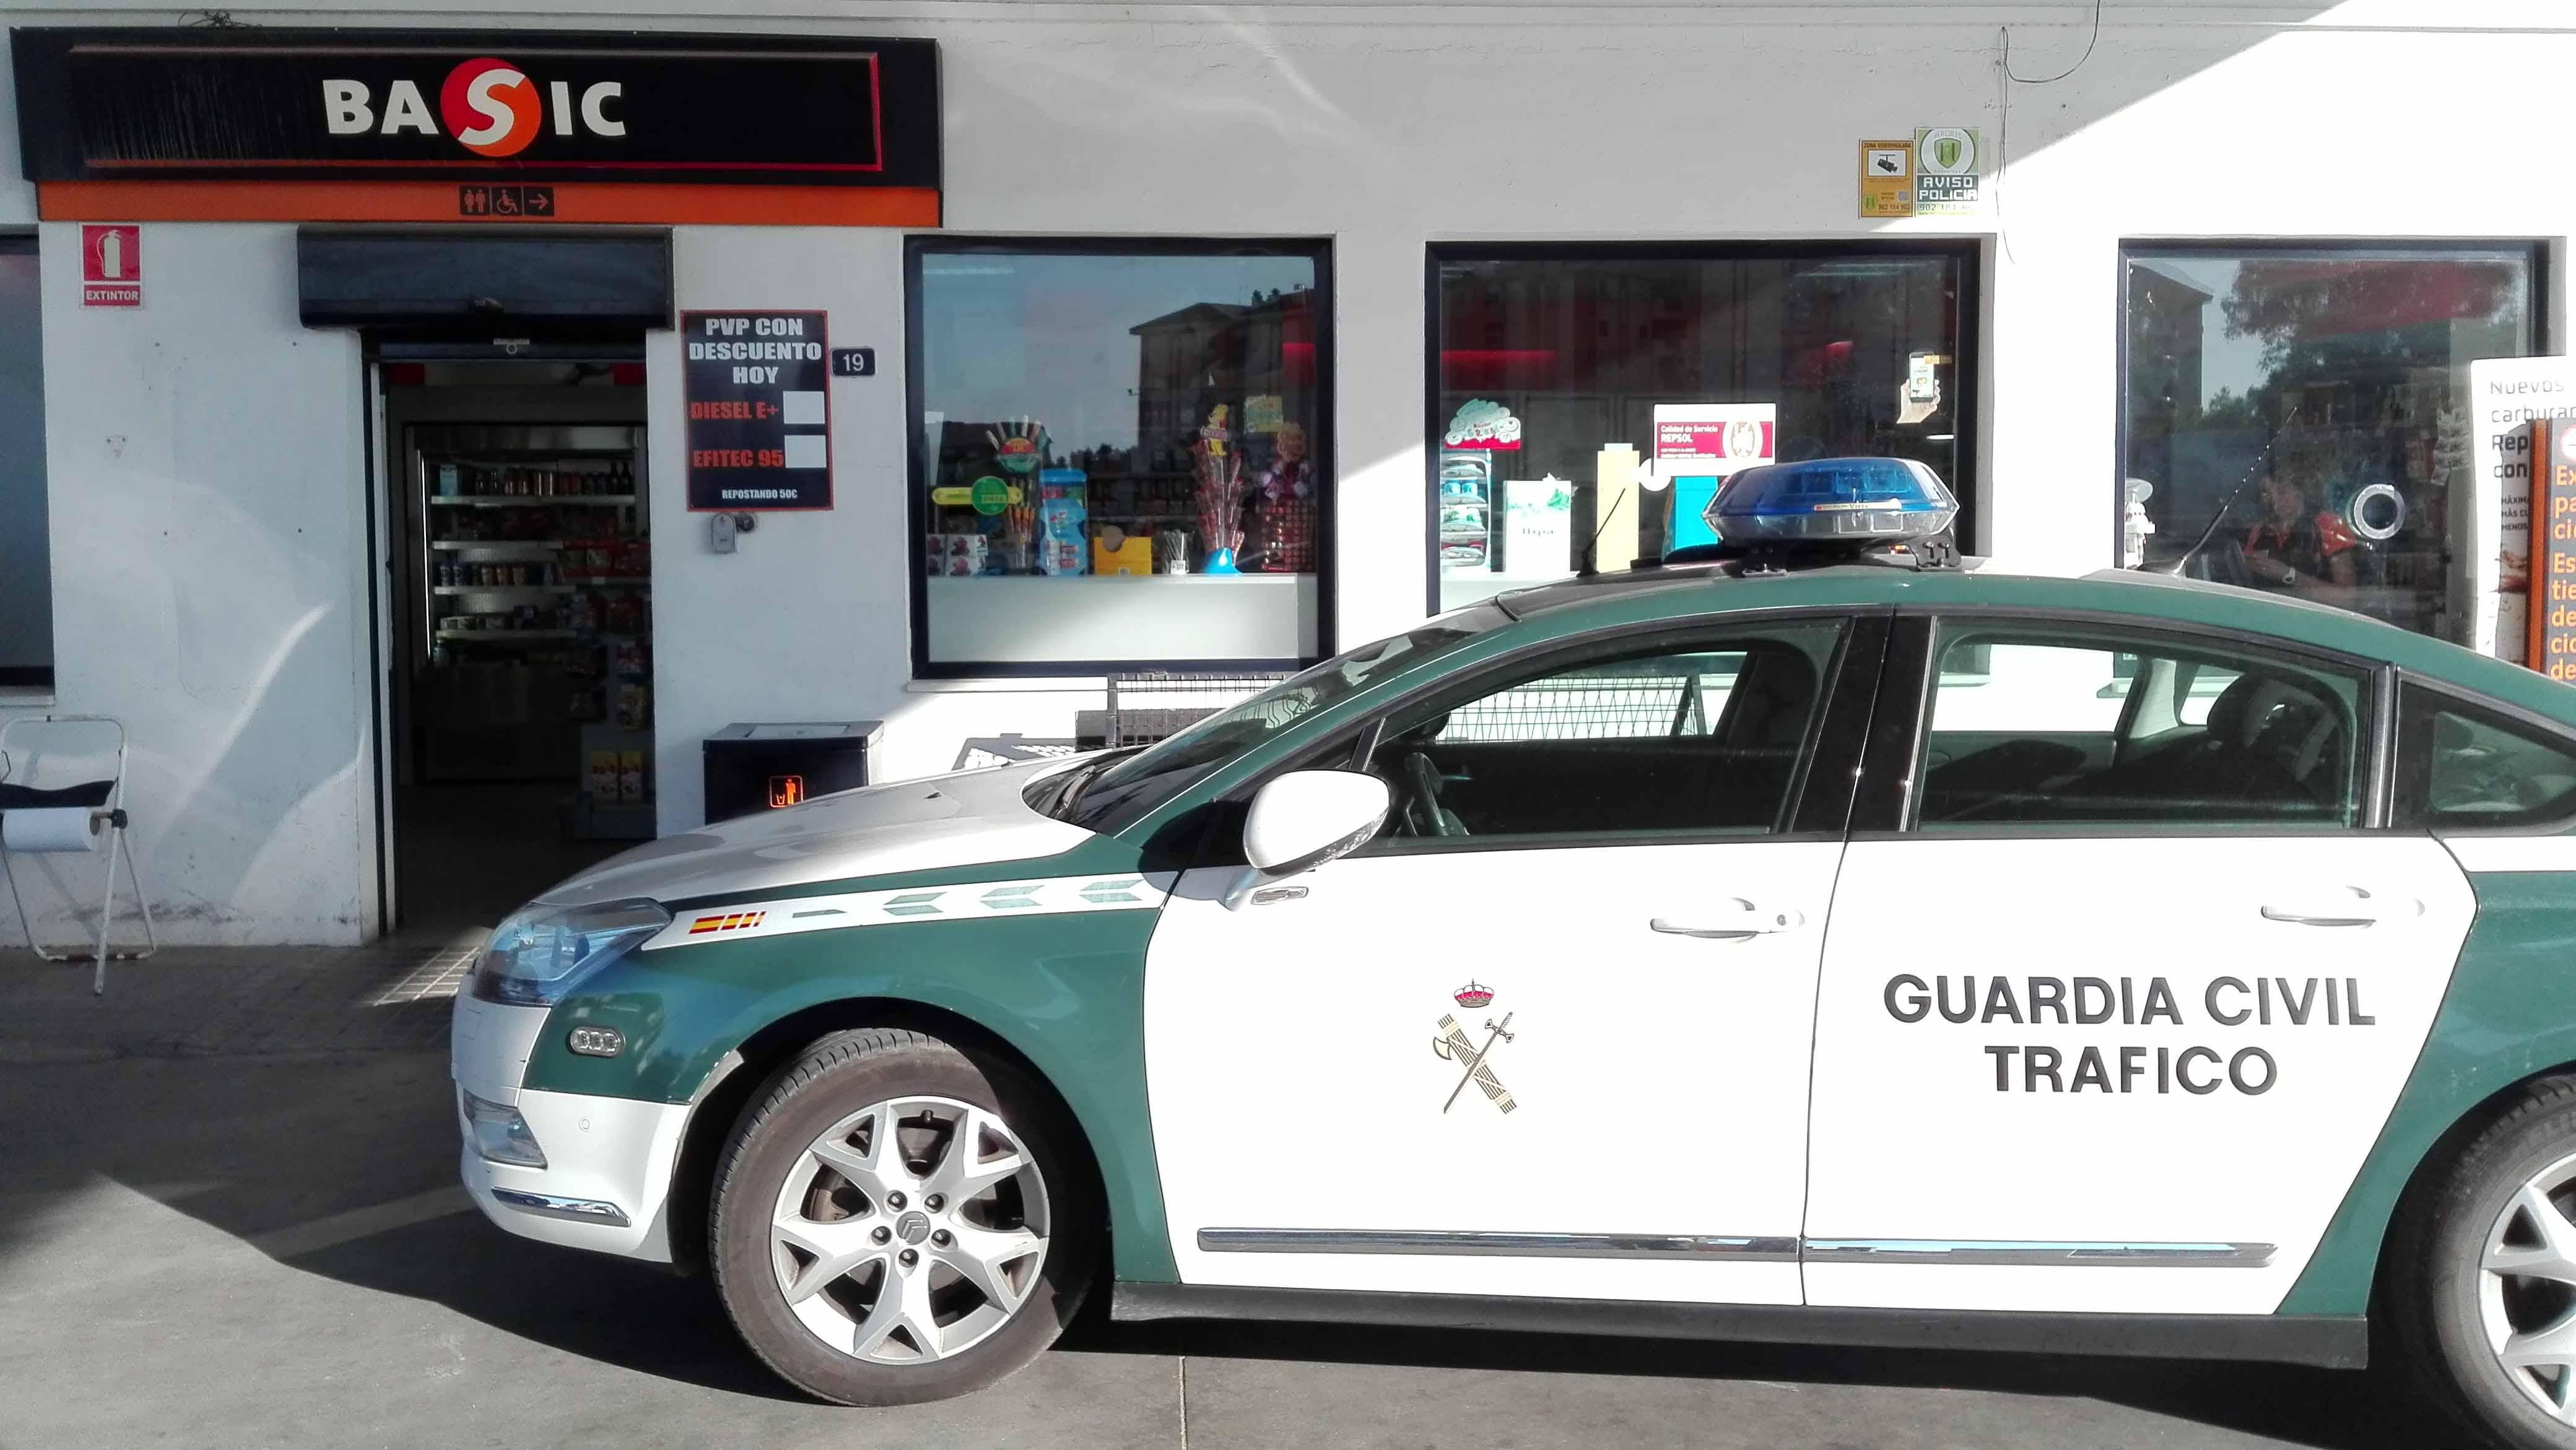 El atraco ha tenido lugar en la gasolinera de Los Quintero de Utrera